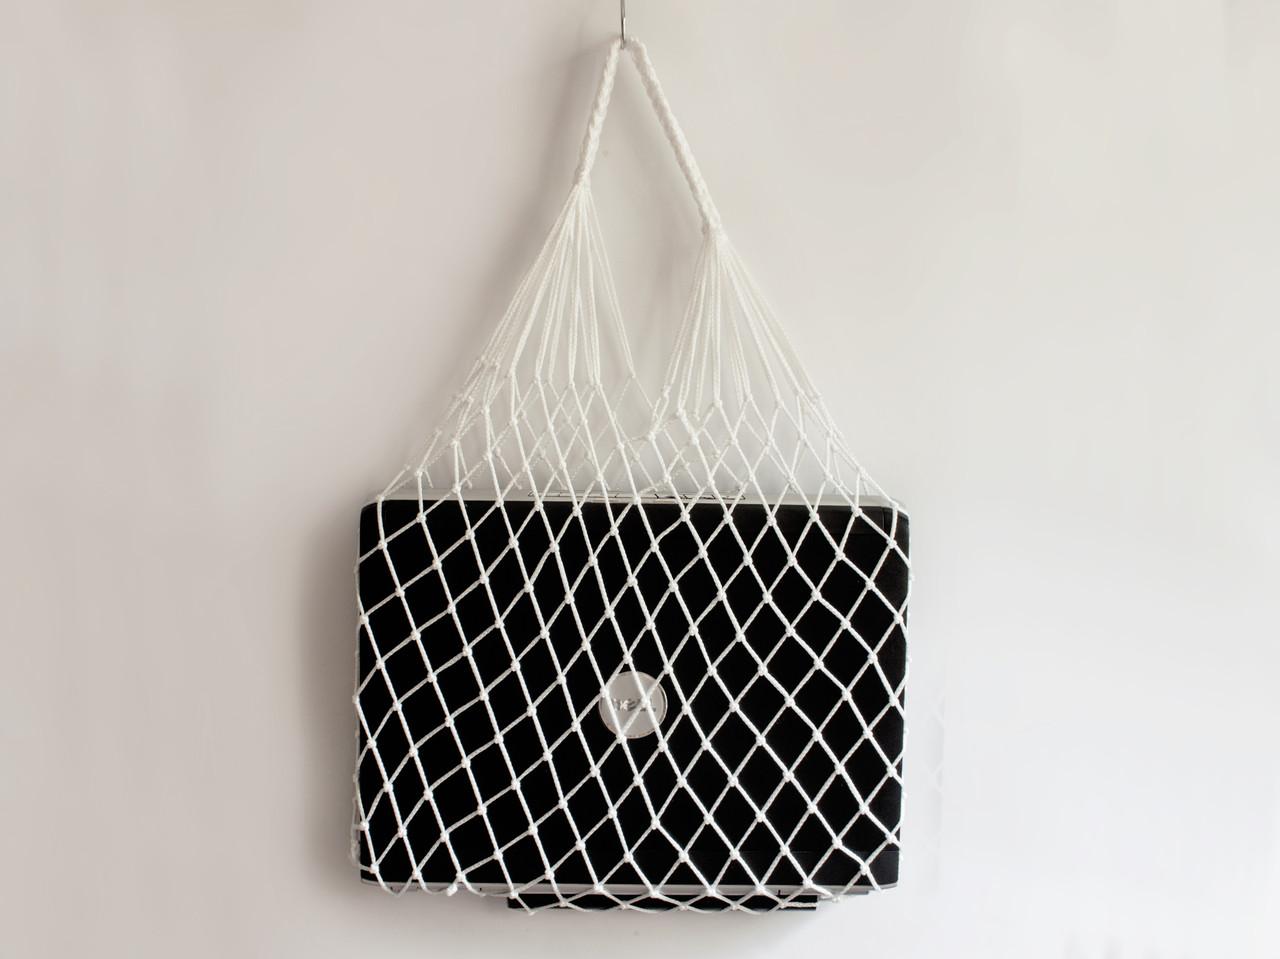 Авоська - CORD Bag - Прочная большая сумка - Сумка для покупок - Эко сумка